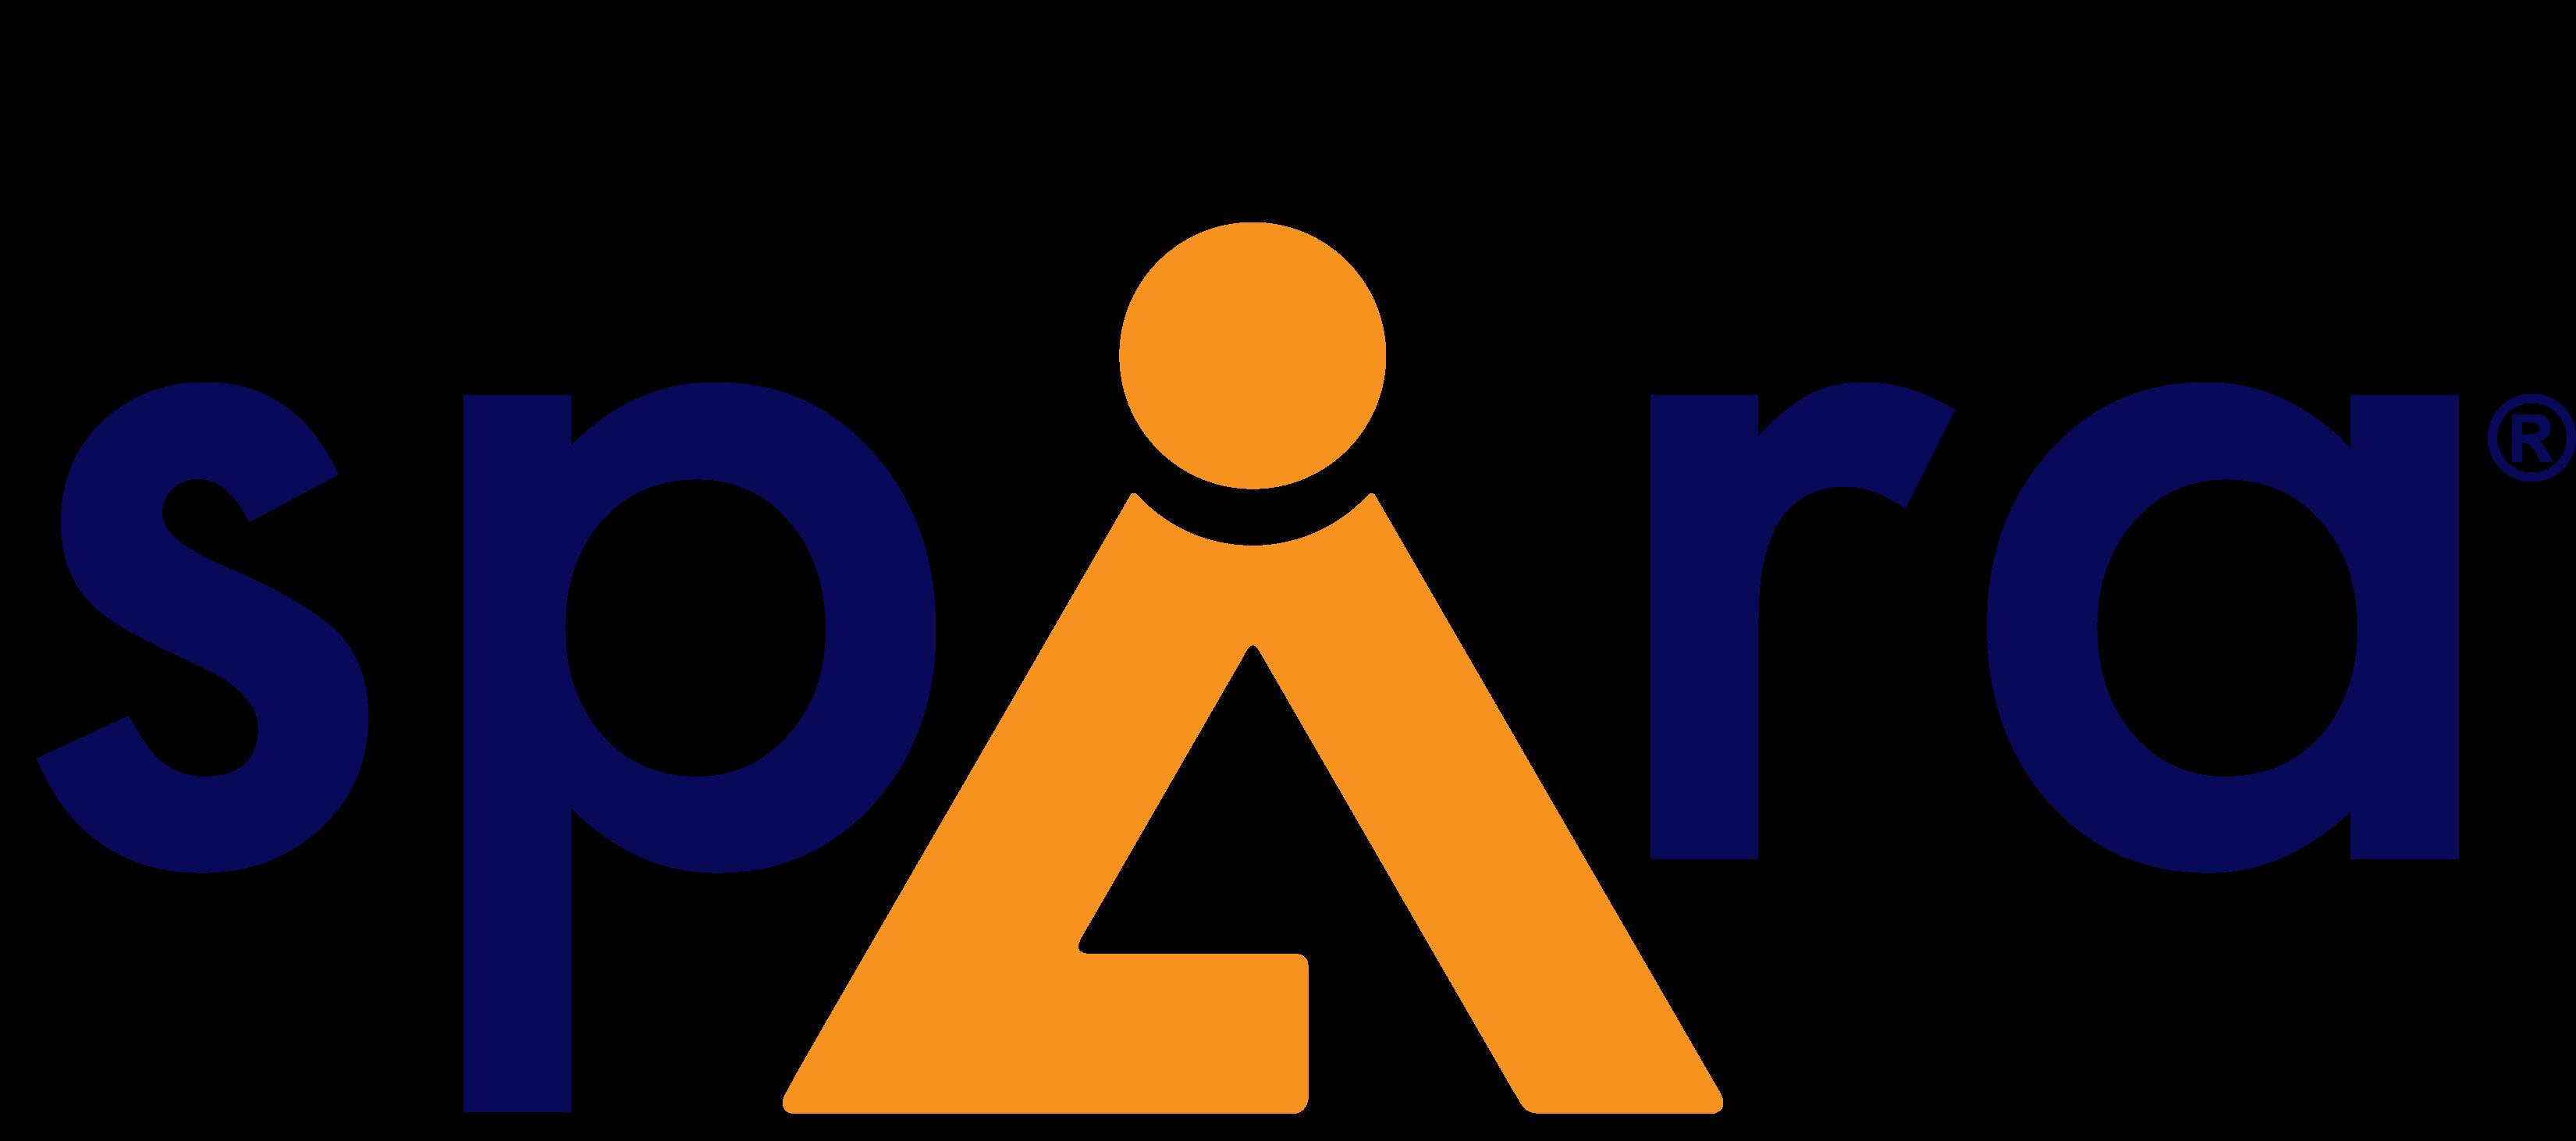 Spara Inc Logo